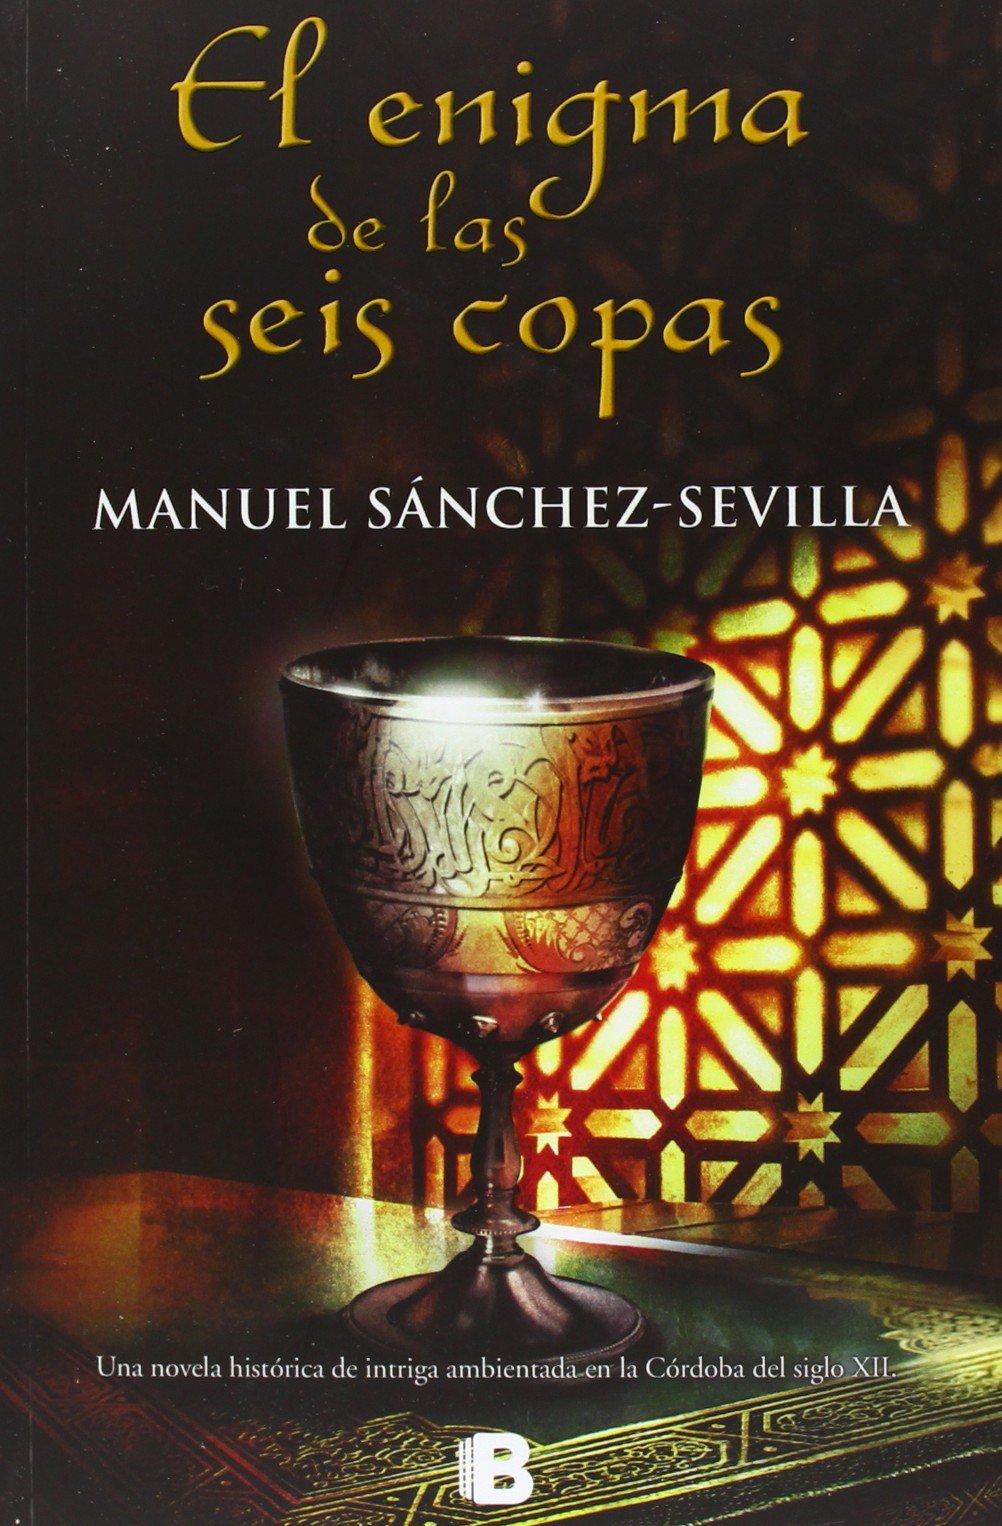 El enigma de las seis copas (Histórica): Amazon.es: Sánchez-Sevilla, Manuel: Libros